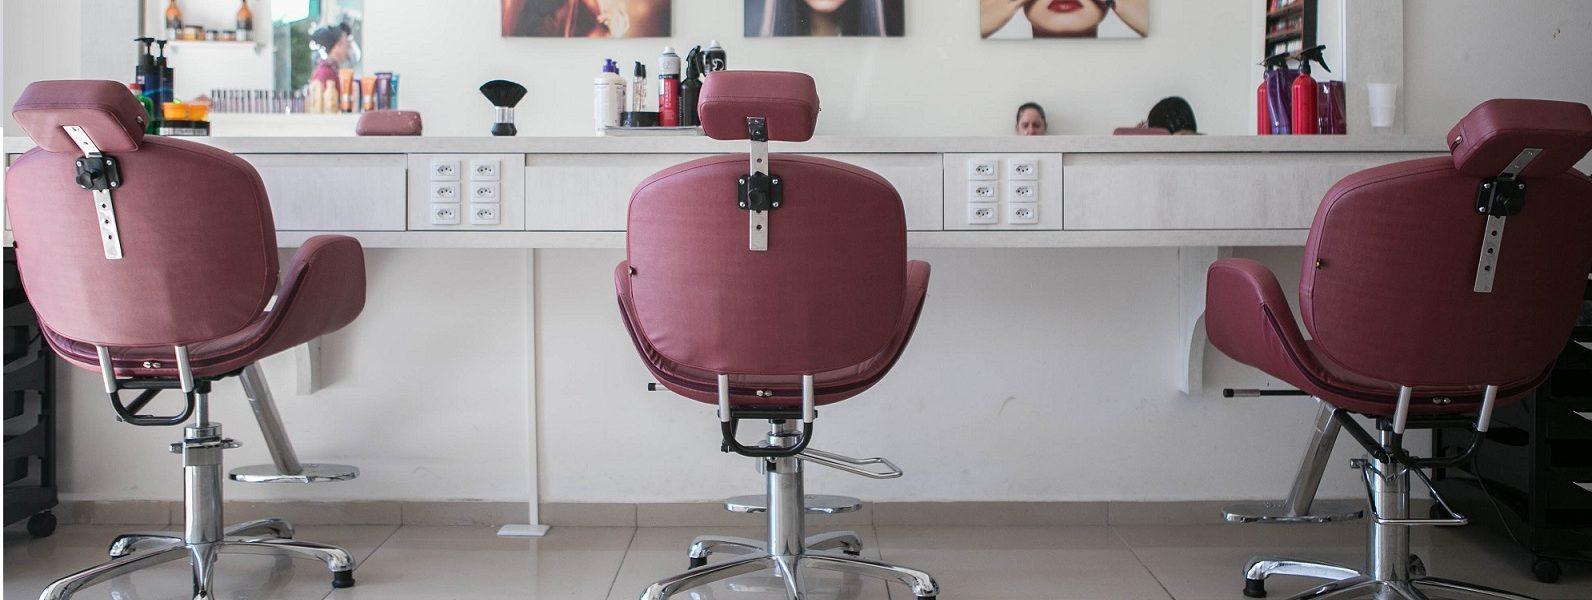 hairdresser2